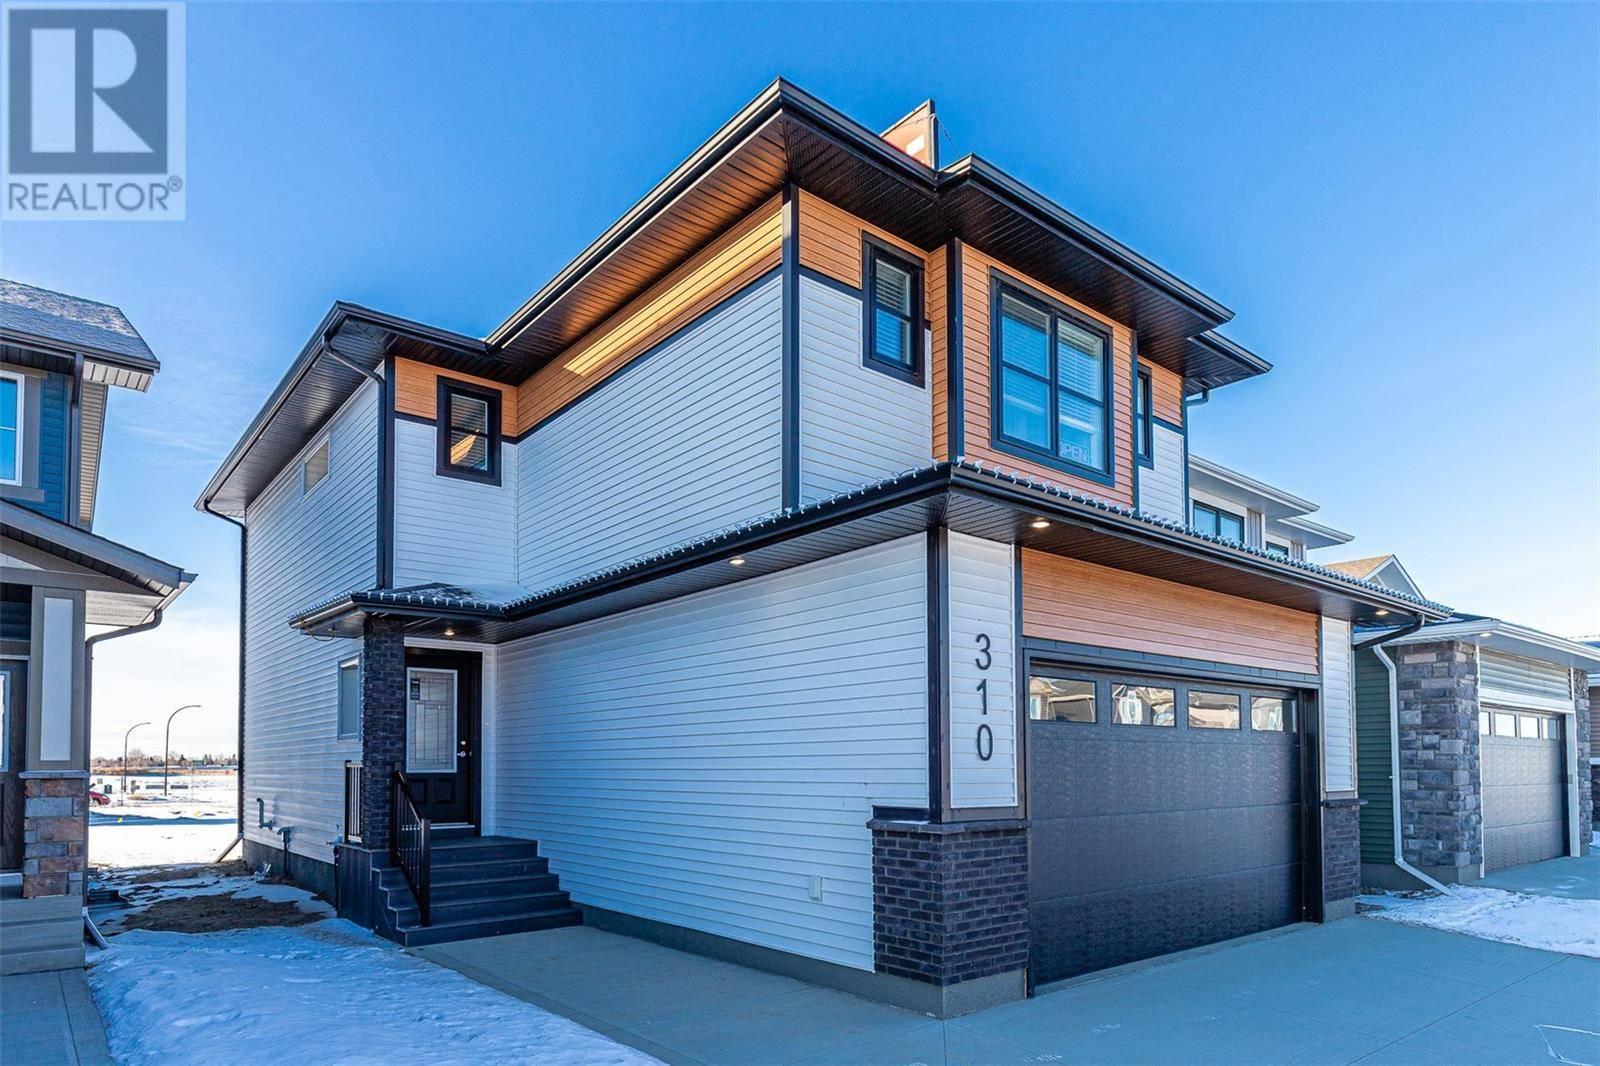 House for sale at 310 Germain Mnr  Saskatoon Saskatchewan - MLS: SK788513